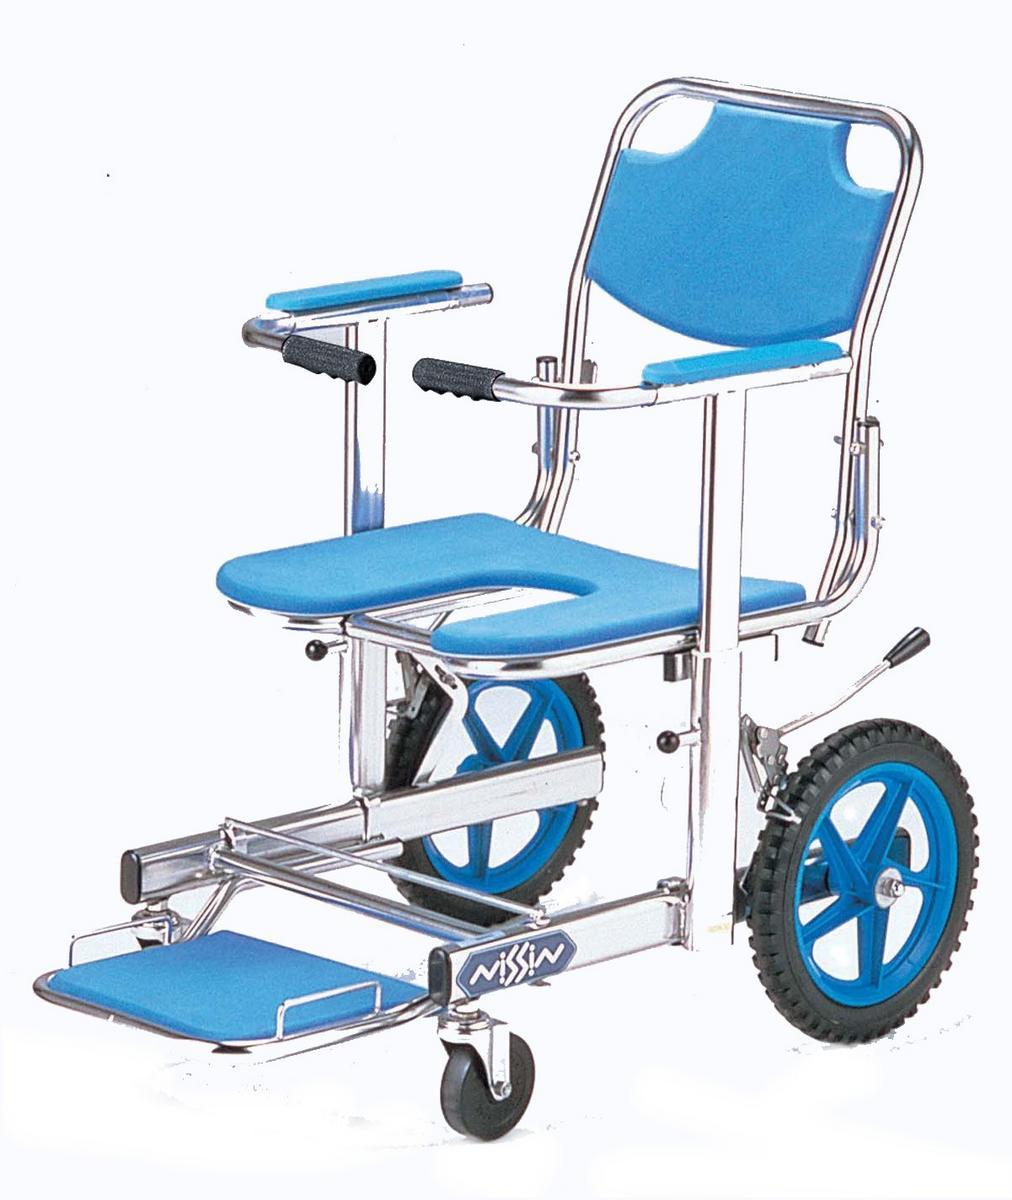 入浴用車椅子(車いす) 日進医療器製  NSW-12【メーカー正規保証付き/条件付き送料無料】